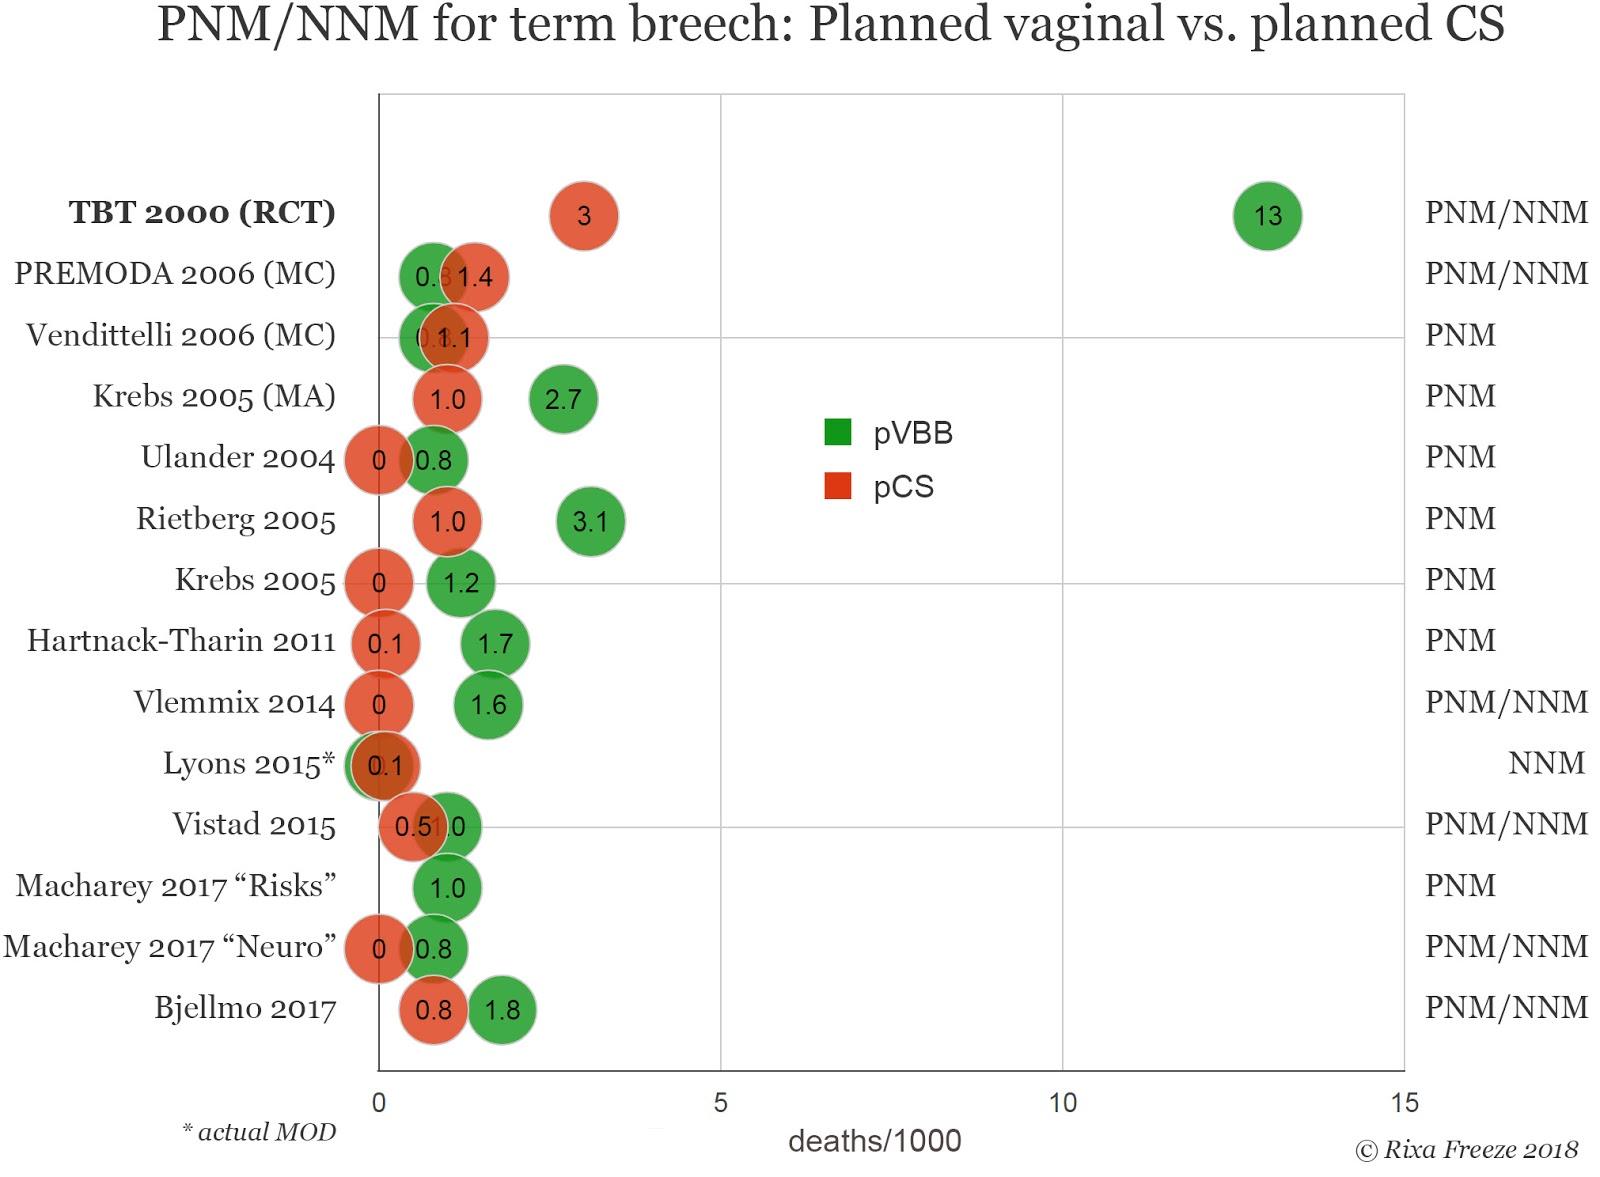 perinatal mortality in term breech birth